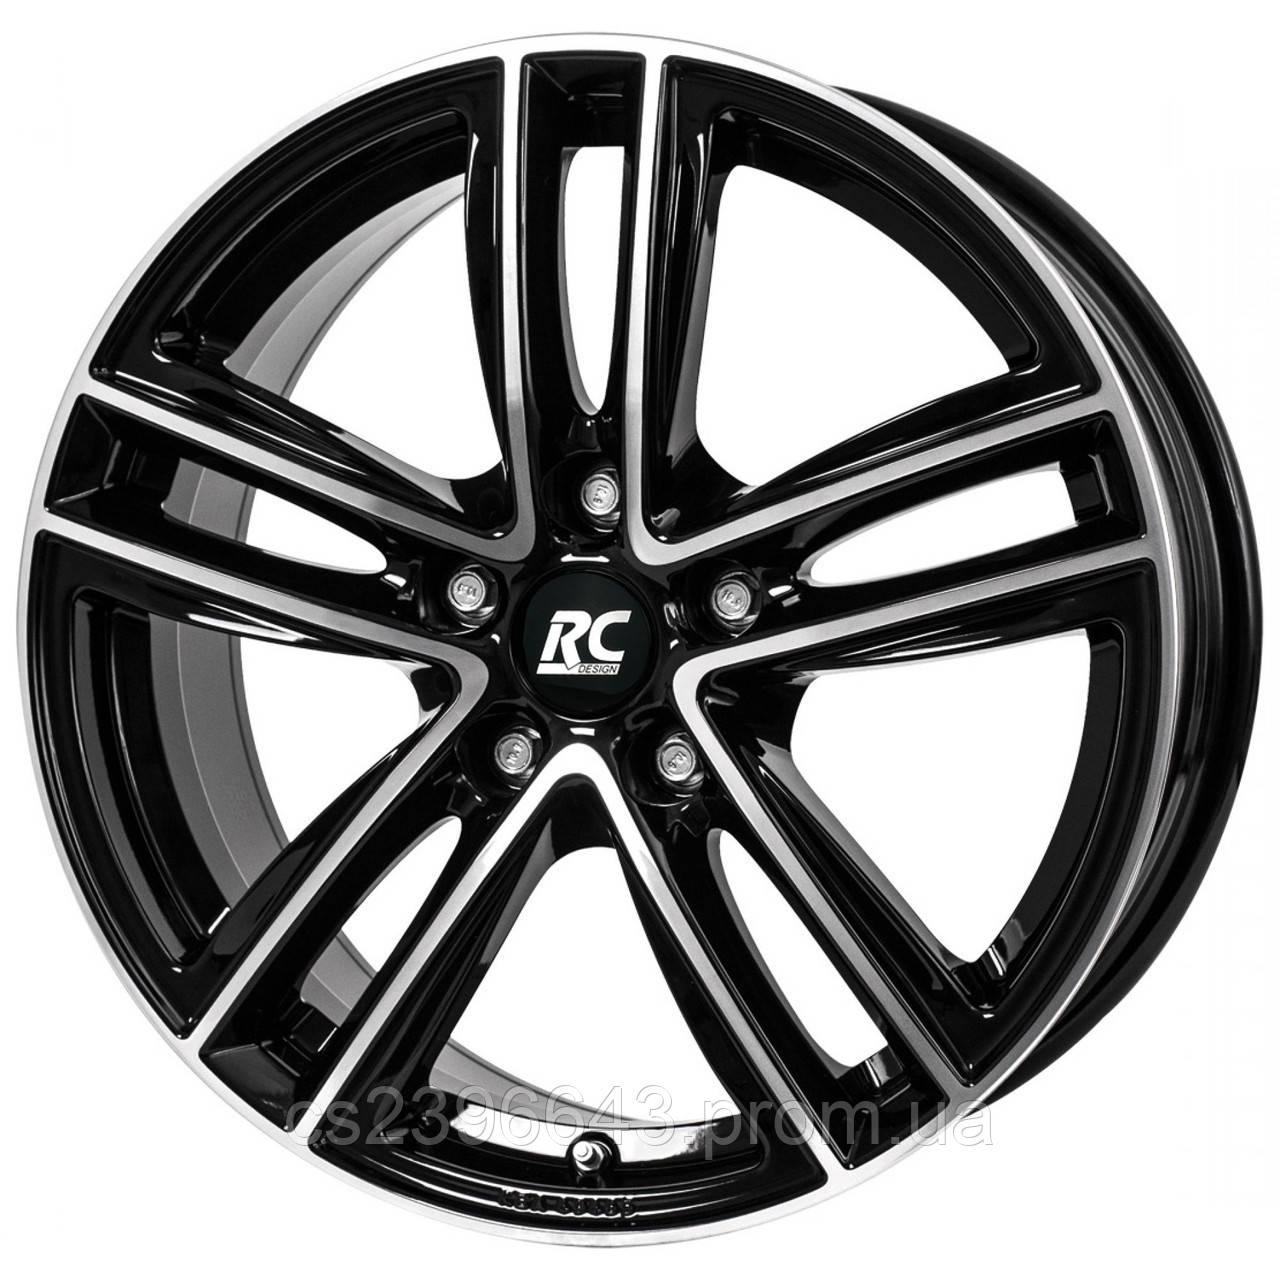 Колесный диск RC Design RC27 17x7 ET45